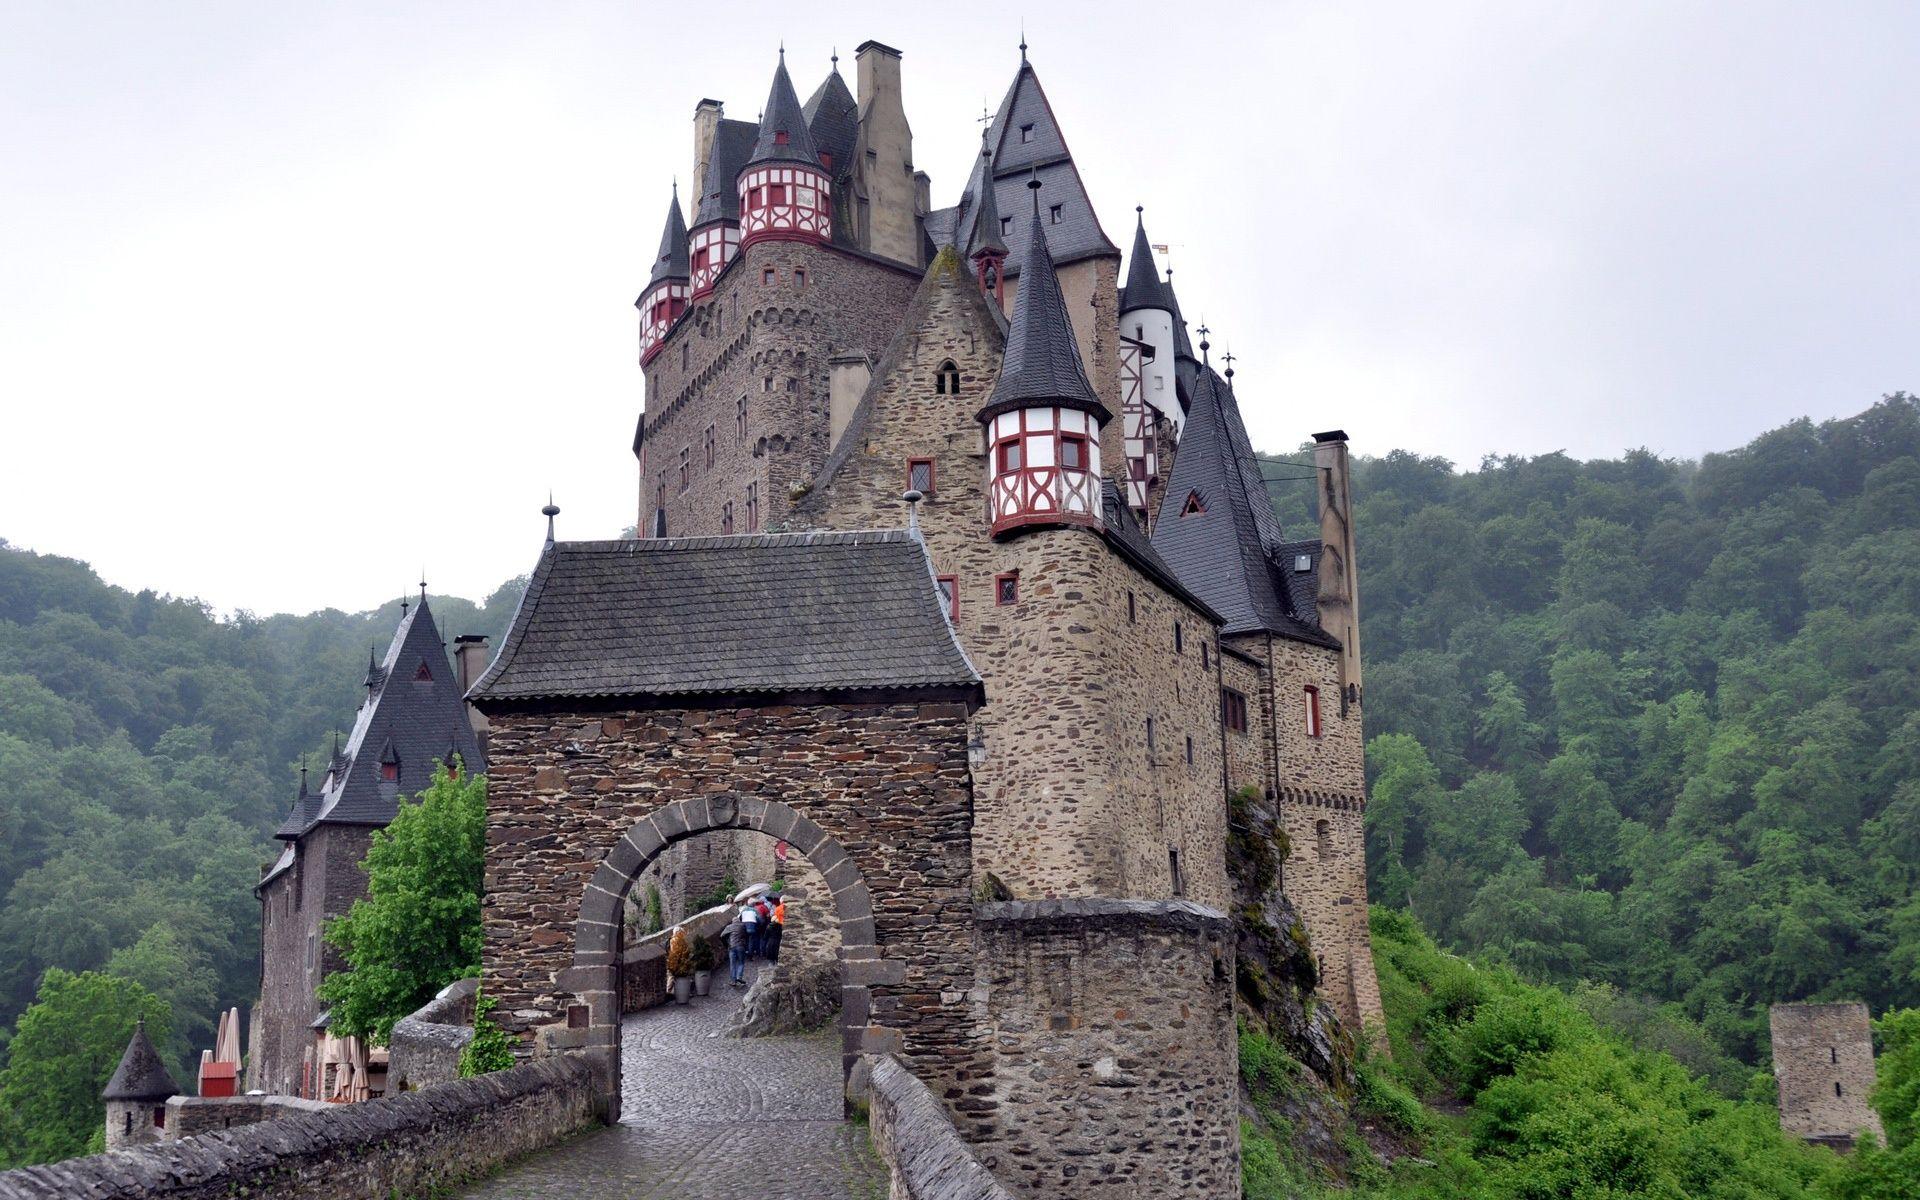 Castles In Germany Burg Eltz 1920x1200 Jpg 1920 1200 Germany Castles Burg Eltz Castle Castle